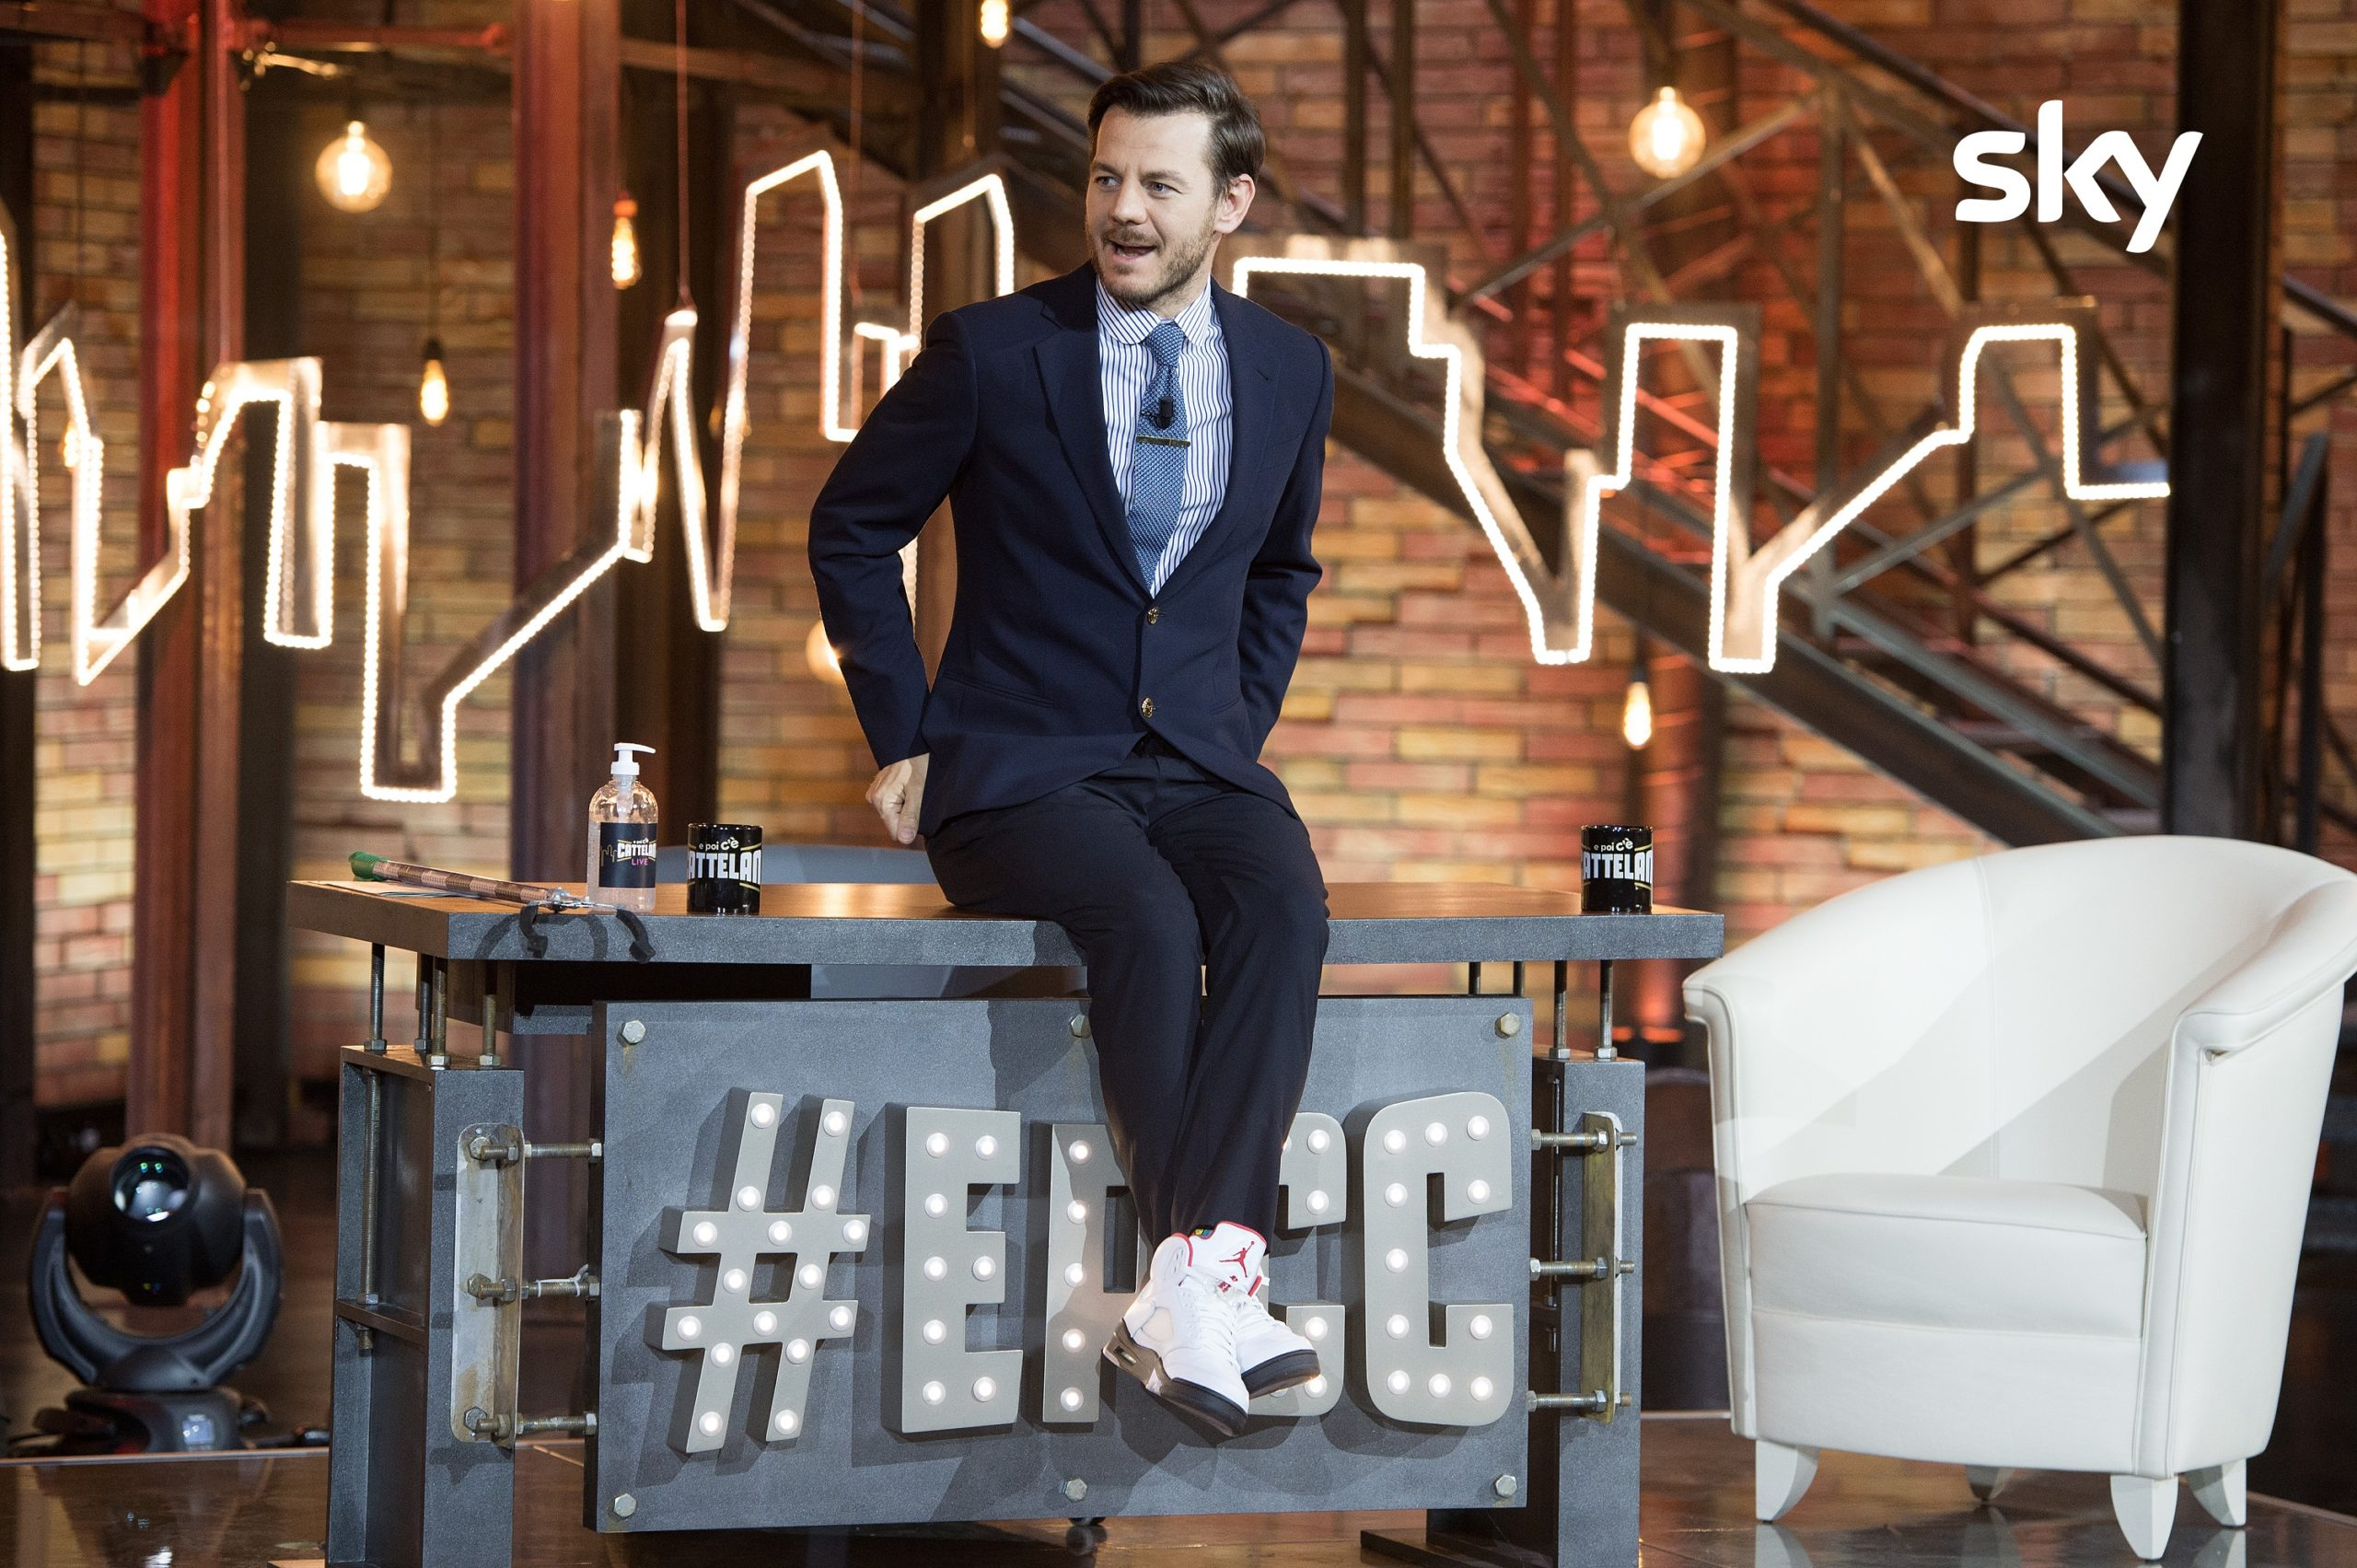 EPCC Live ospiti Sky Uno